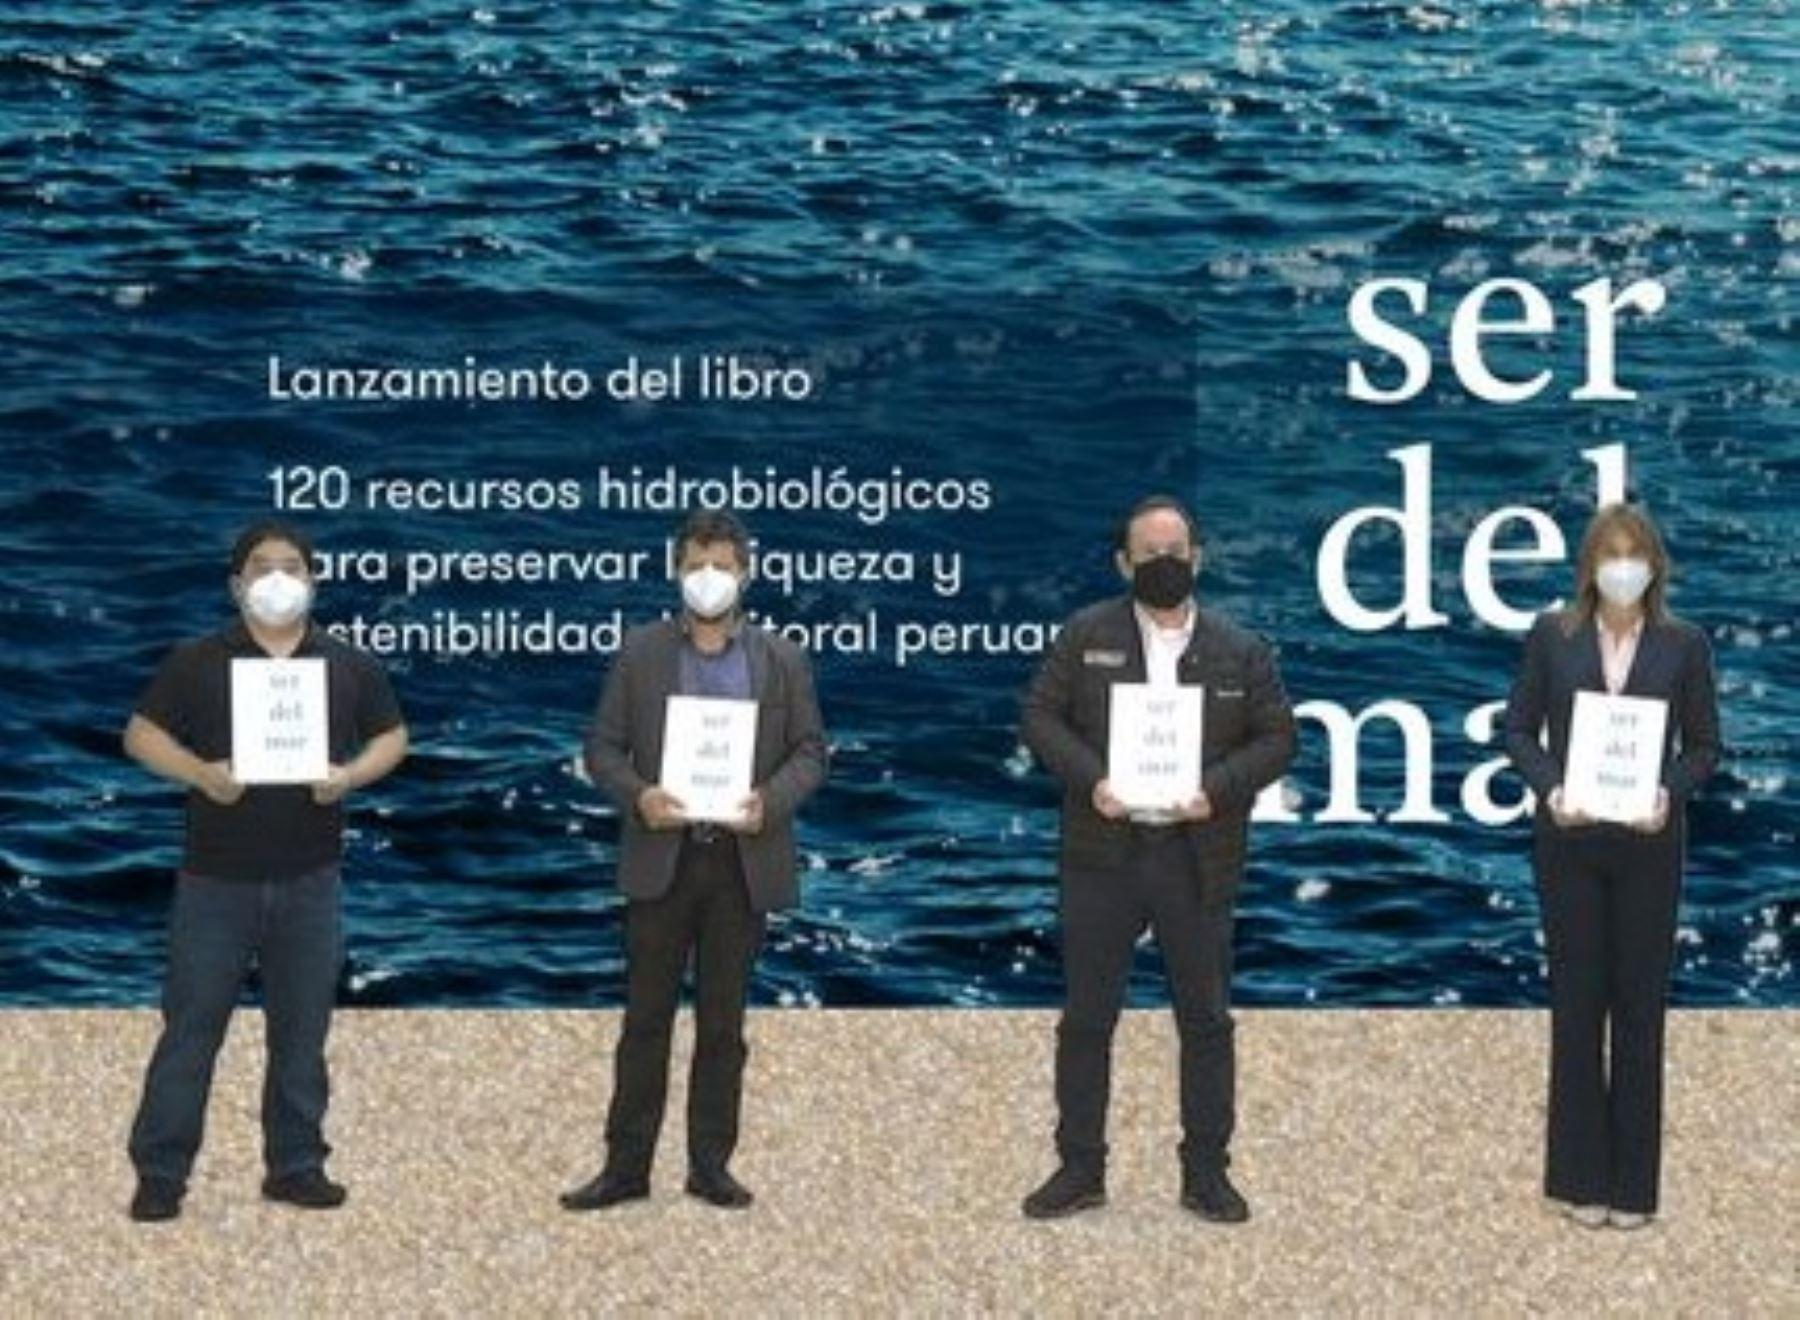 """Sociedad Nacional de Pesquería presentó el libro """"Ser de mar""""."""